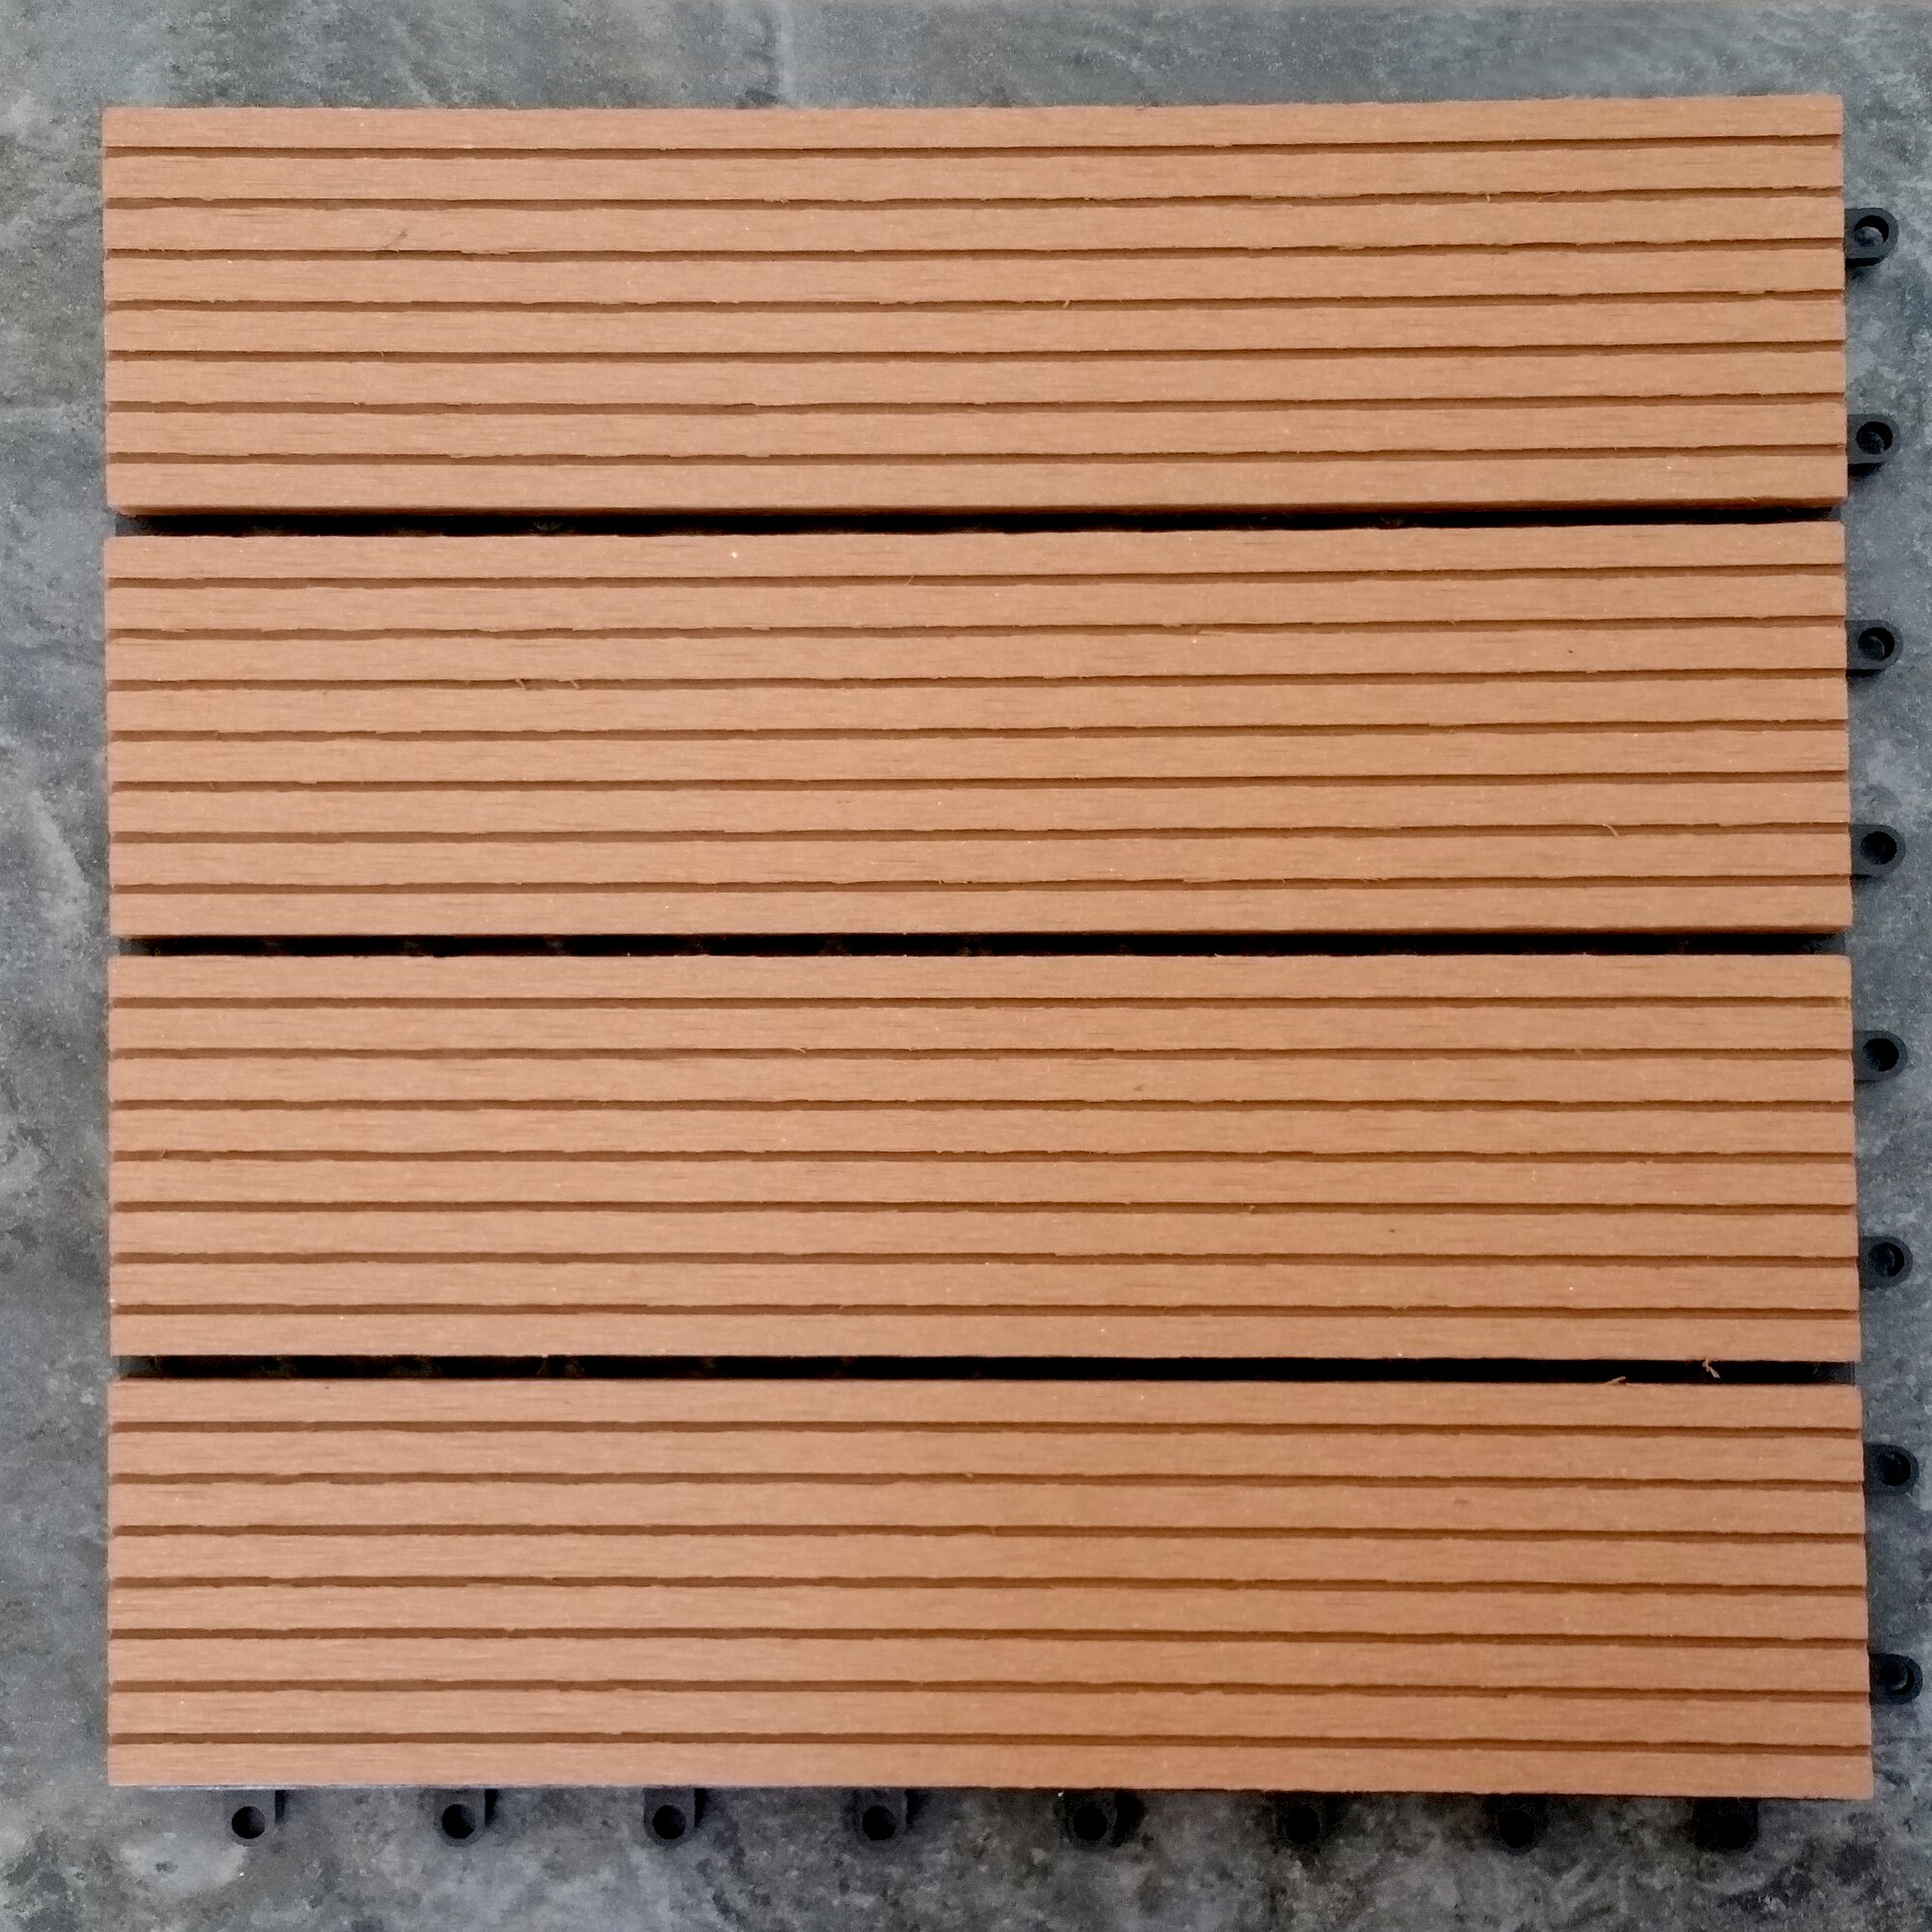 Vifah composite teak quot interlocking deck tiles